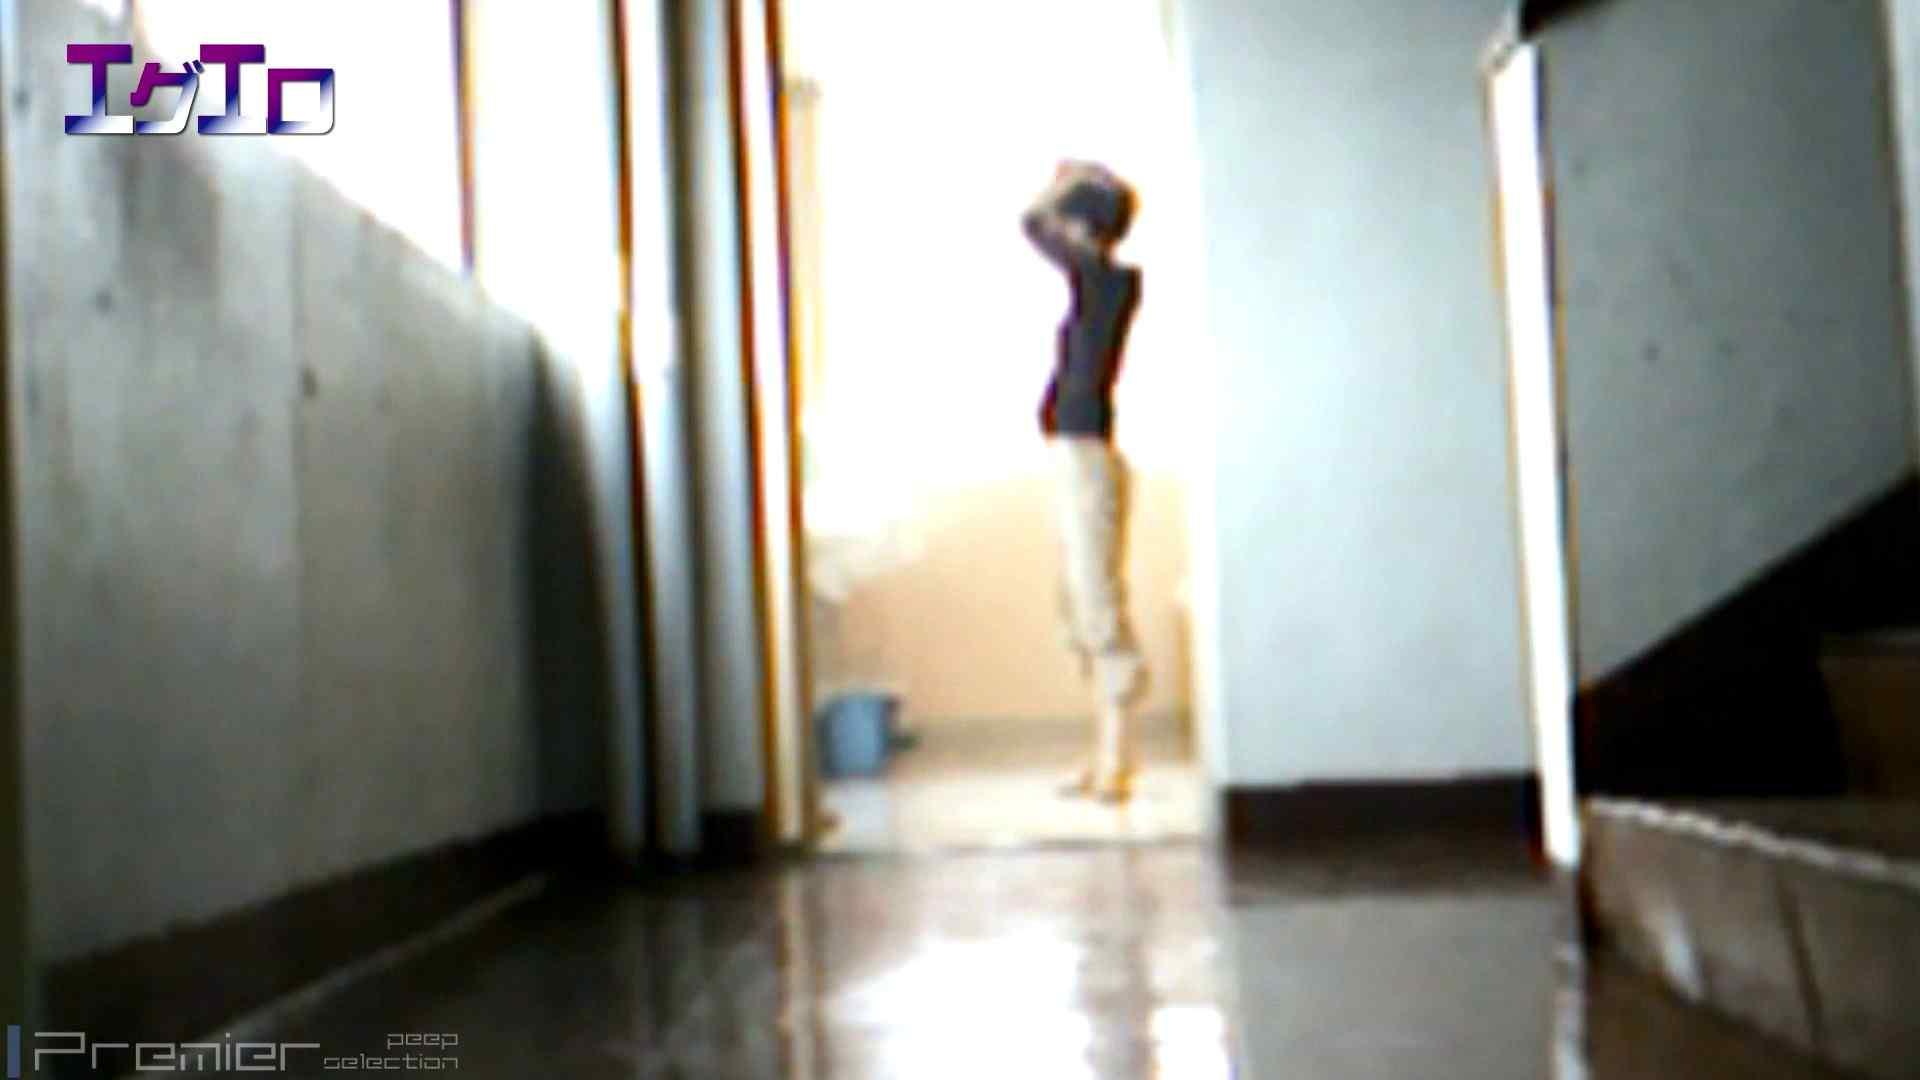 至近距離洗面所 Vol.09夏ギャルキタ~和式トイレ放nyoショー トイレの中の女の子  34連発 10